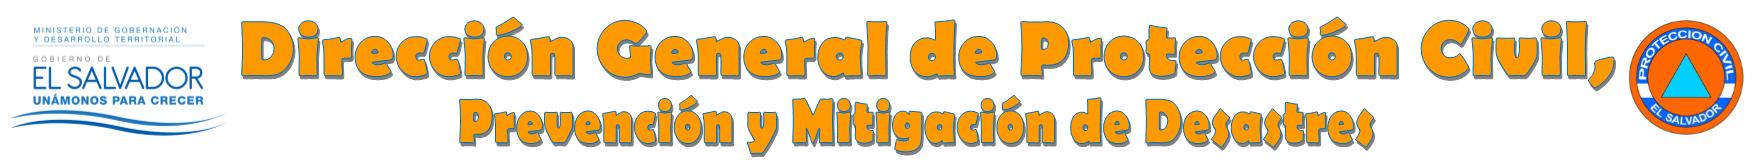 Dirección General de Protección Civil, Prevención y Mitigación de Desastres